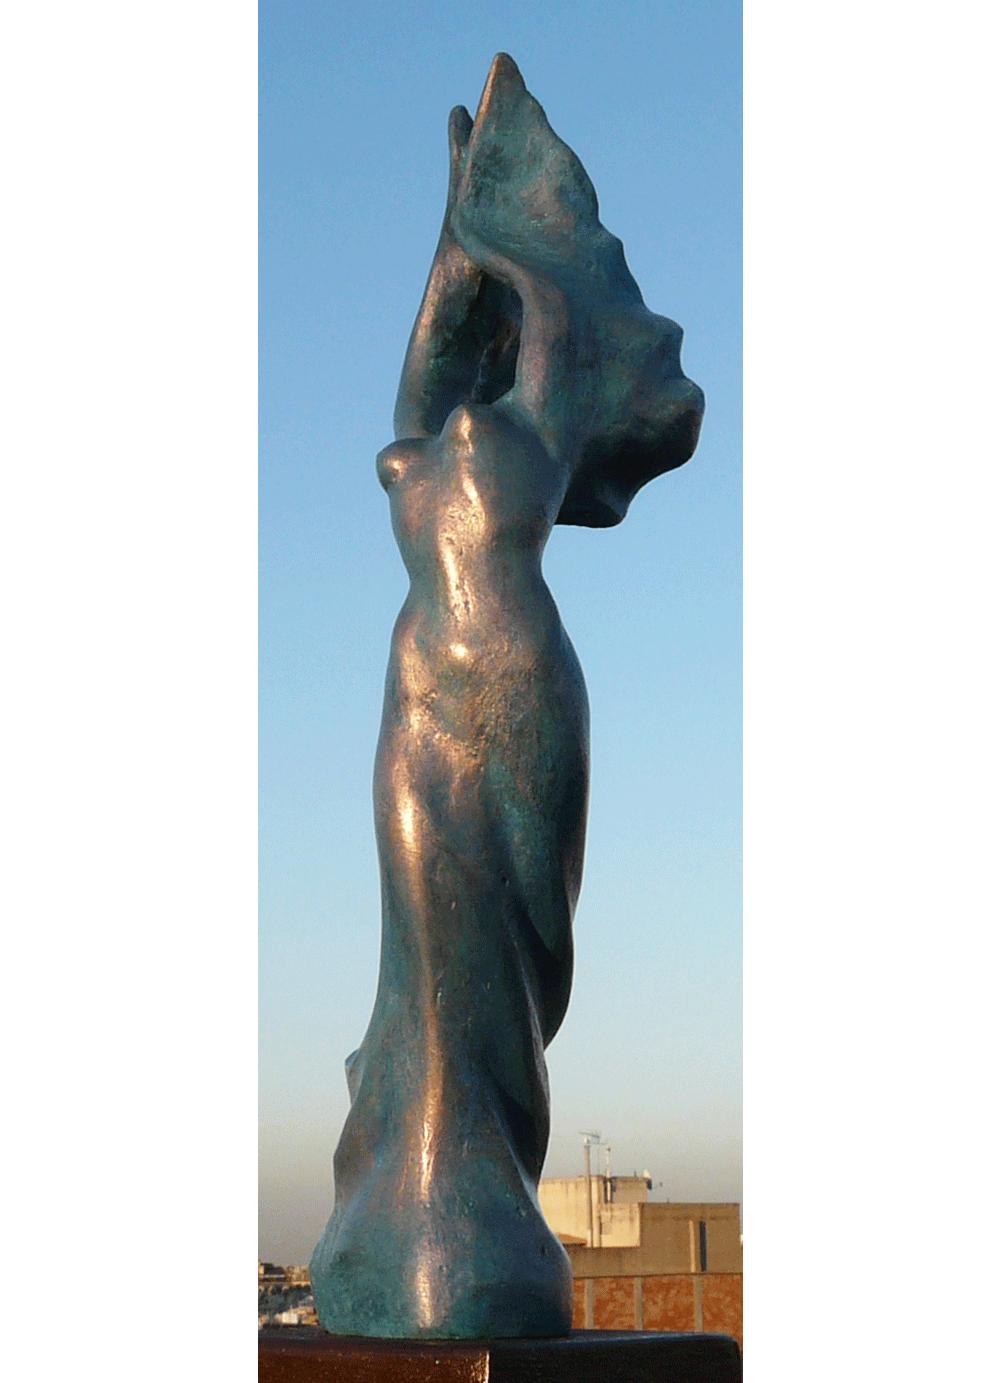 Escultura-Victoria-Bronce-B-Figurativo-Abstracto-RD.Escultor